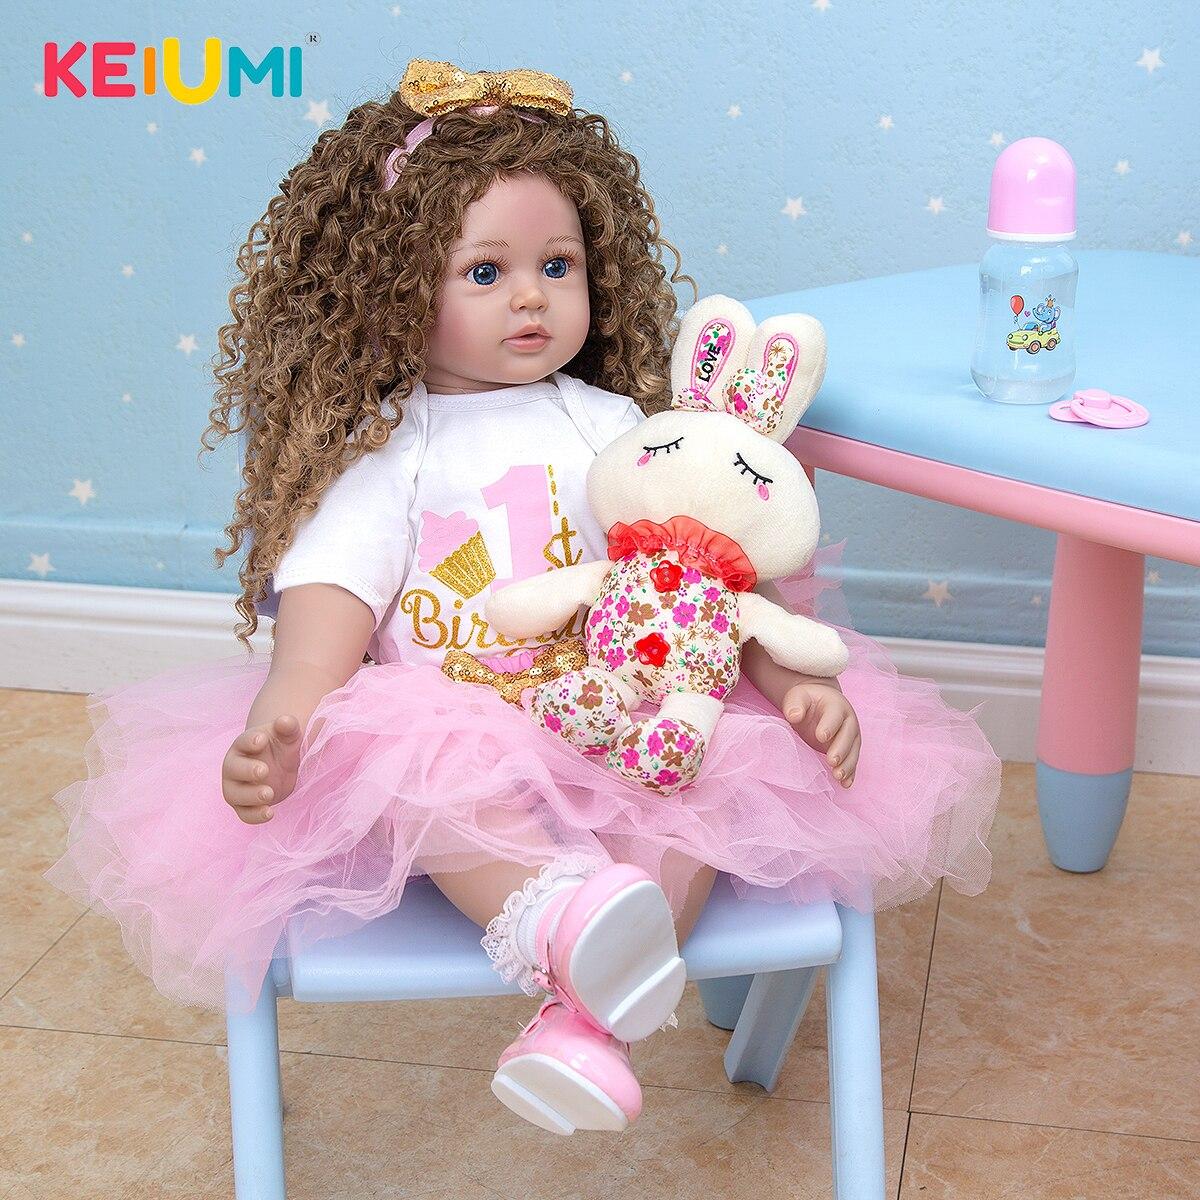 Chegam novas 60 cm bonecas reborn menina cabelo longo lifelike macio silicone pano corpo recém-nascido boneca brinquedos crianças aniversário presente de natal